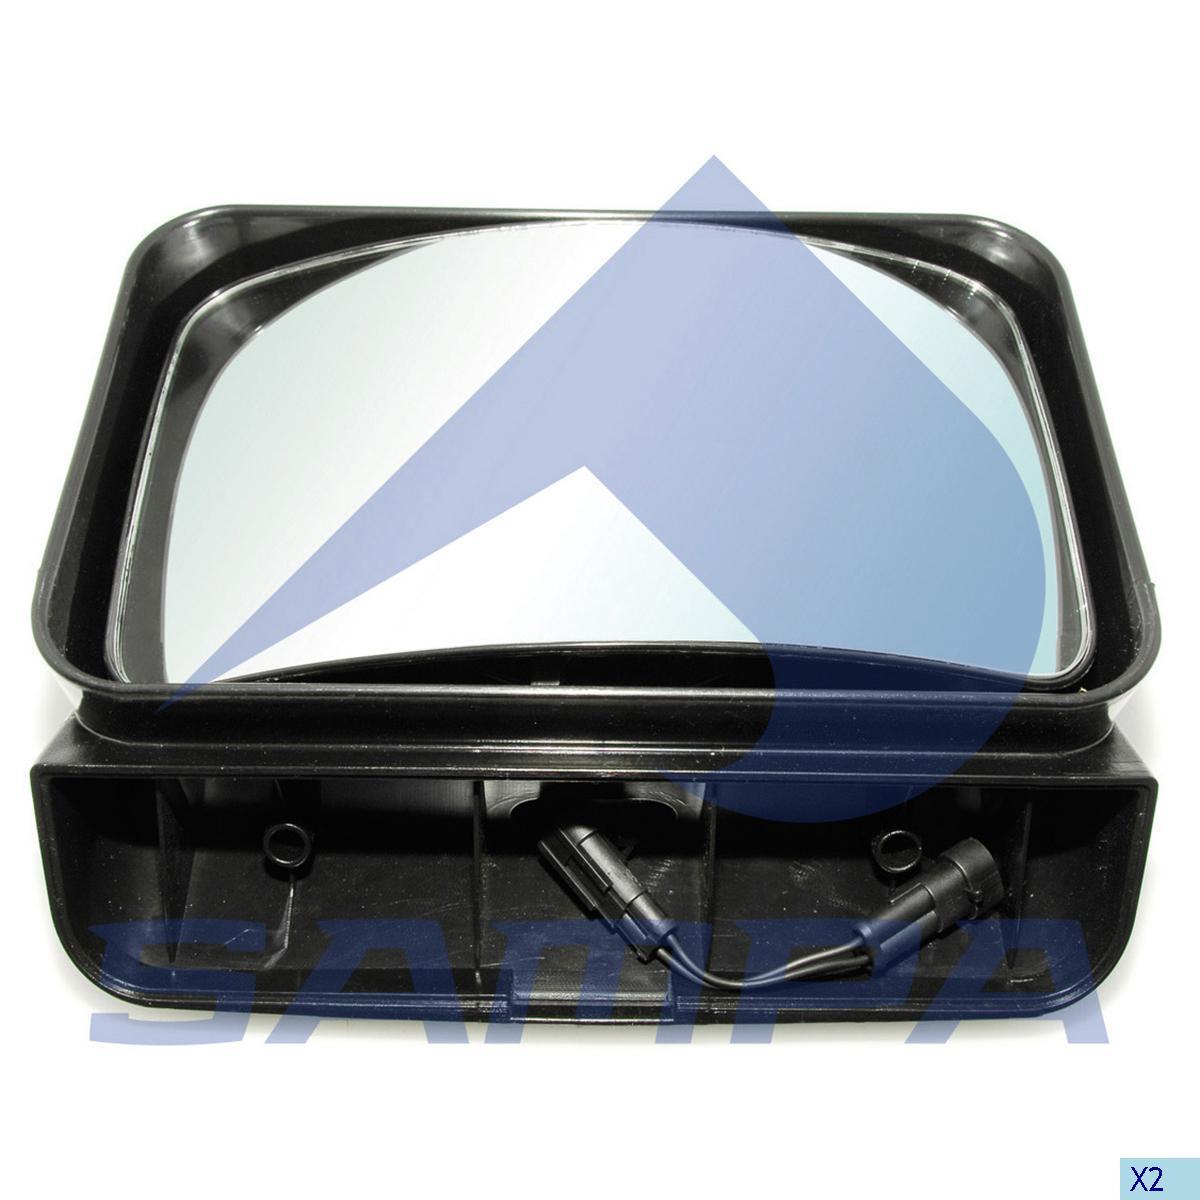 Mirror, Iveco, Cab